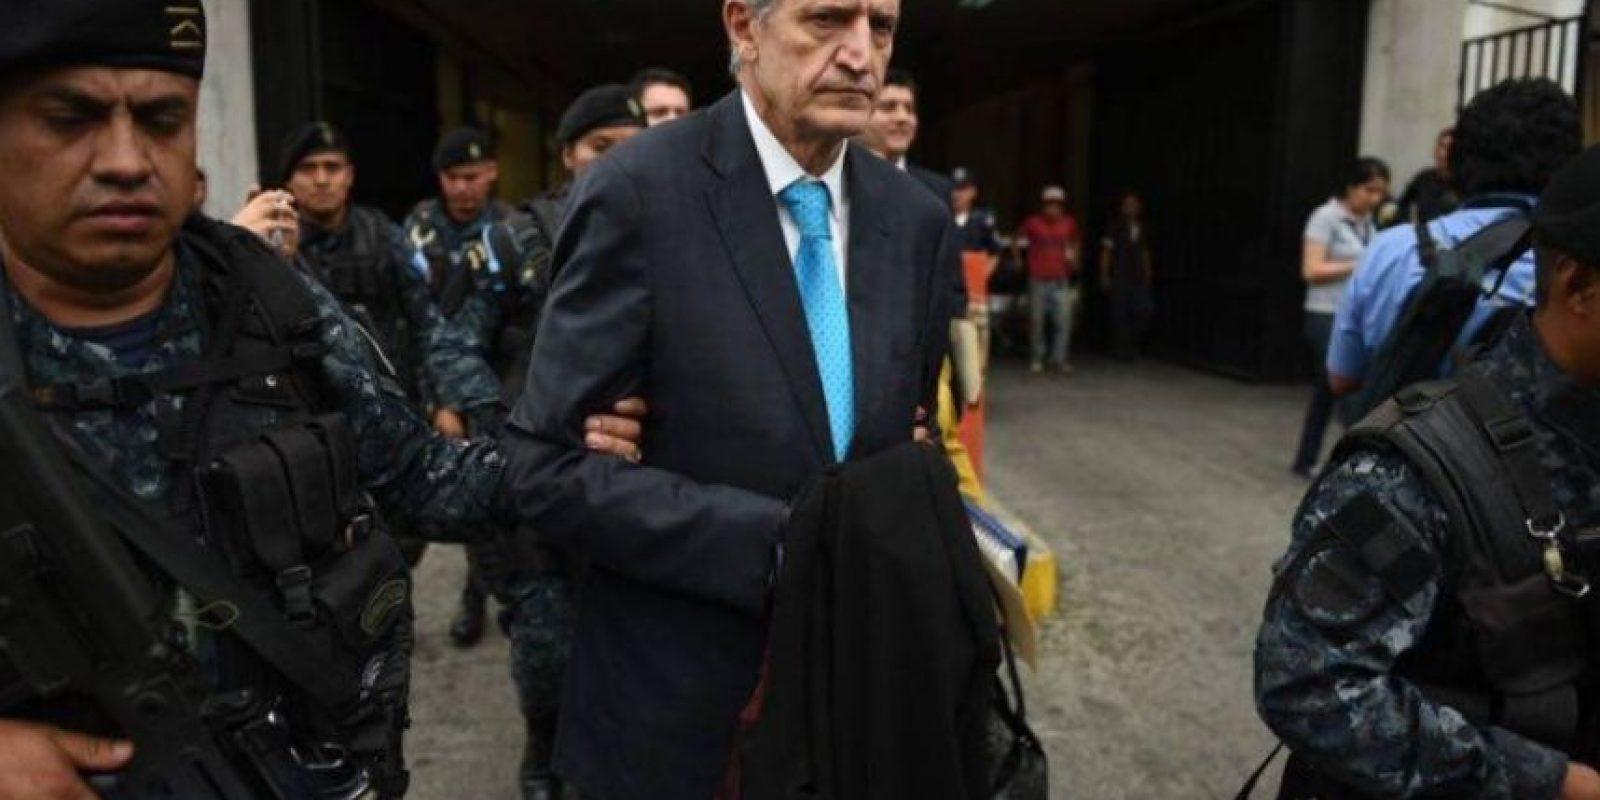 Flavio Montenegro ligado a proceso. Foto:Publinews